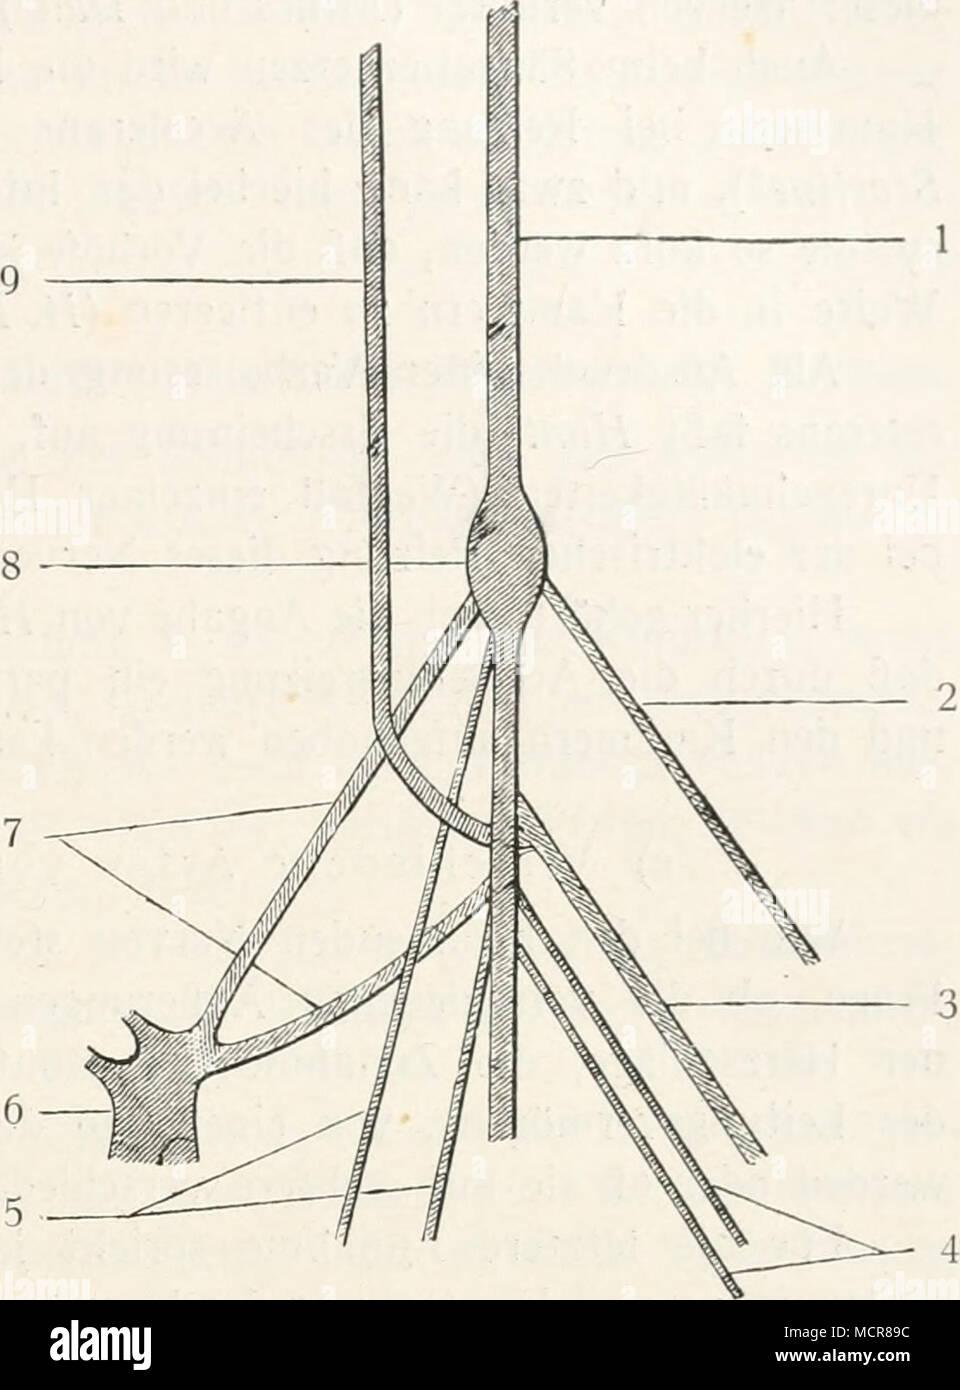 Gemütlich Ganglion Nerven Fotos - Menschliche Anatomie Bilder ...